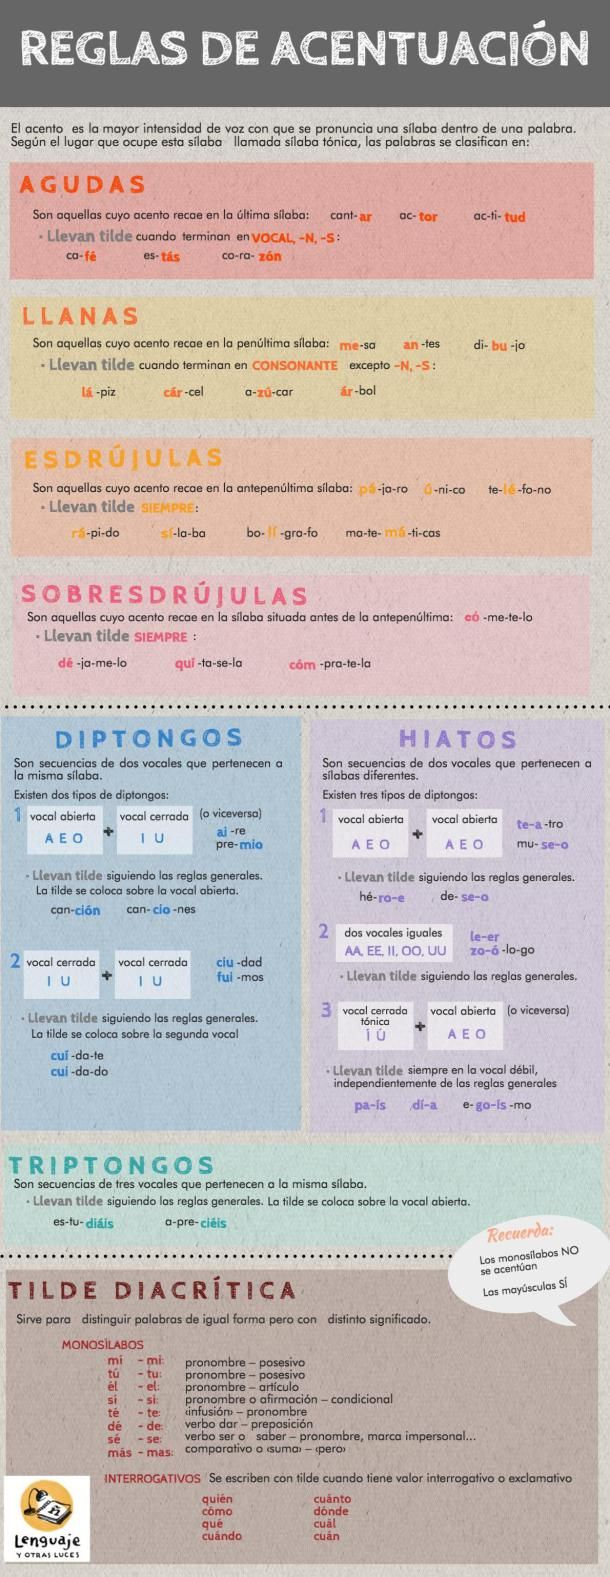 reglas de acentuación en español. infografía. tilde